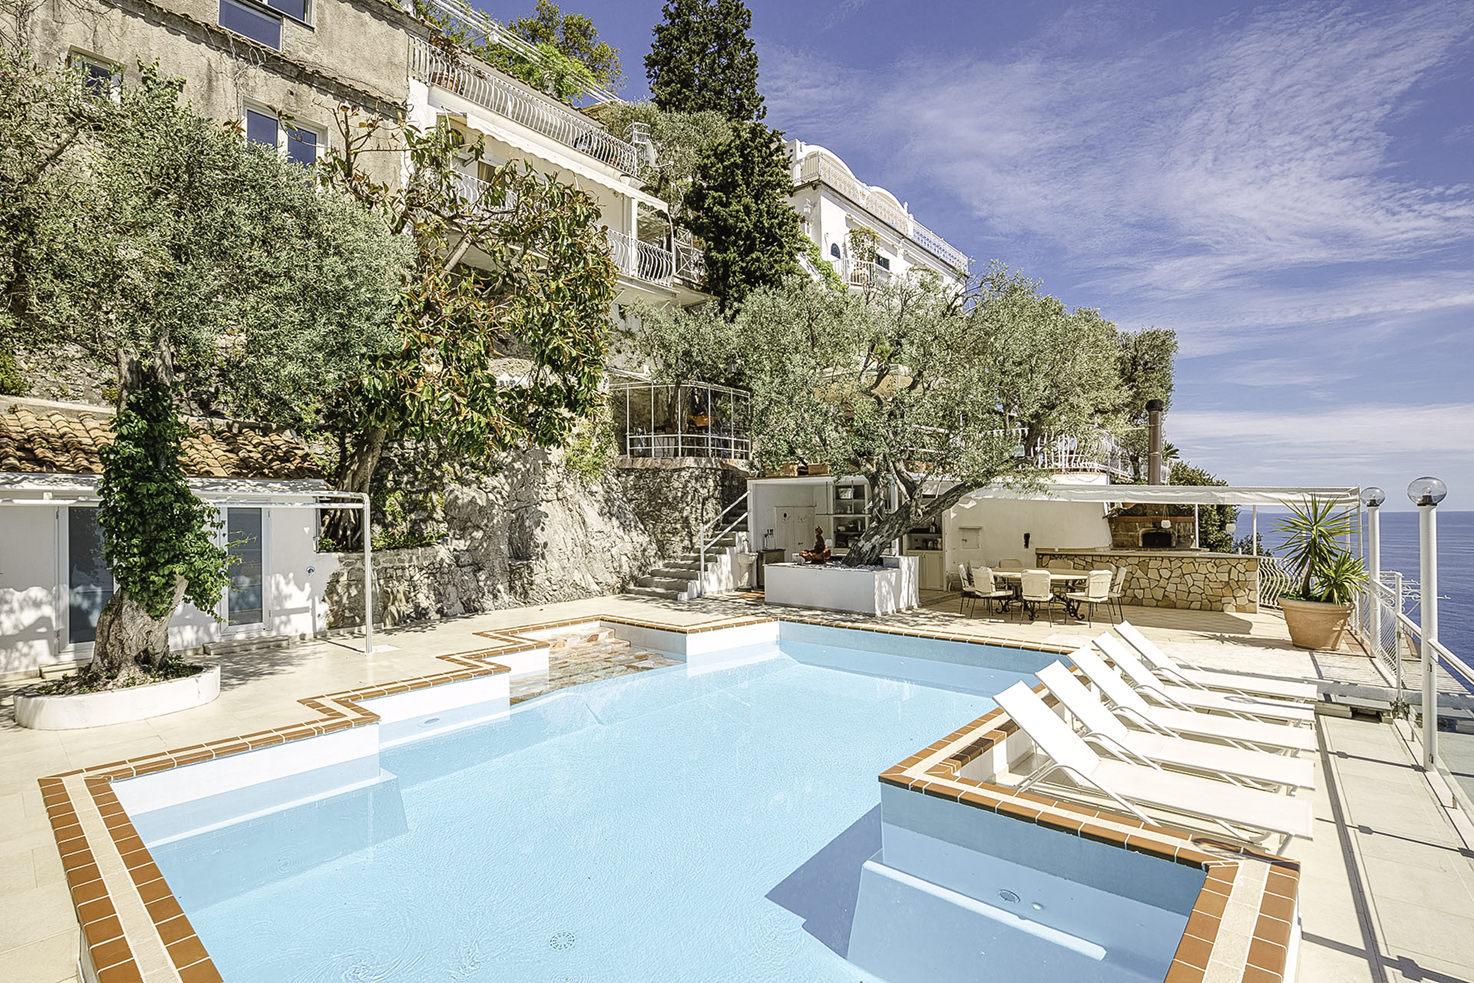 Pool at Villa Oliviero